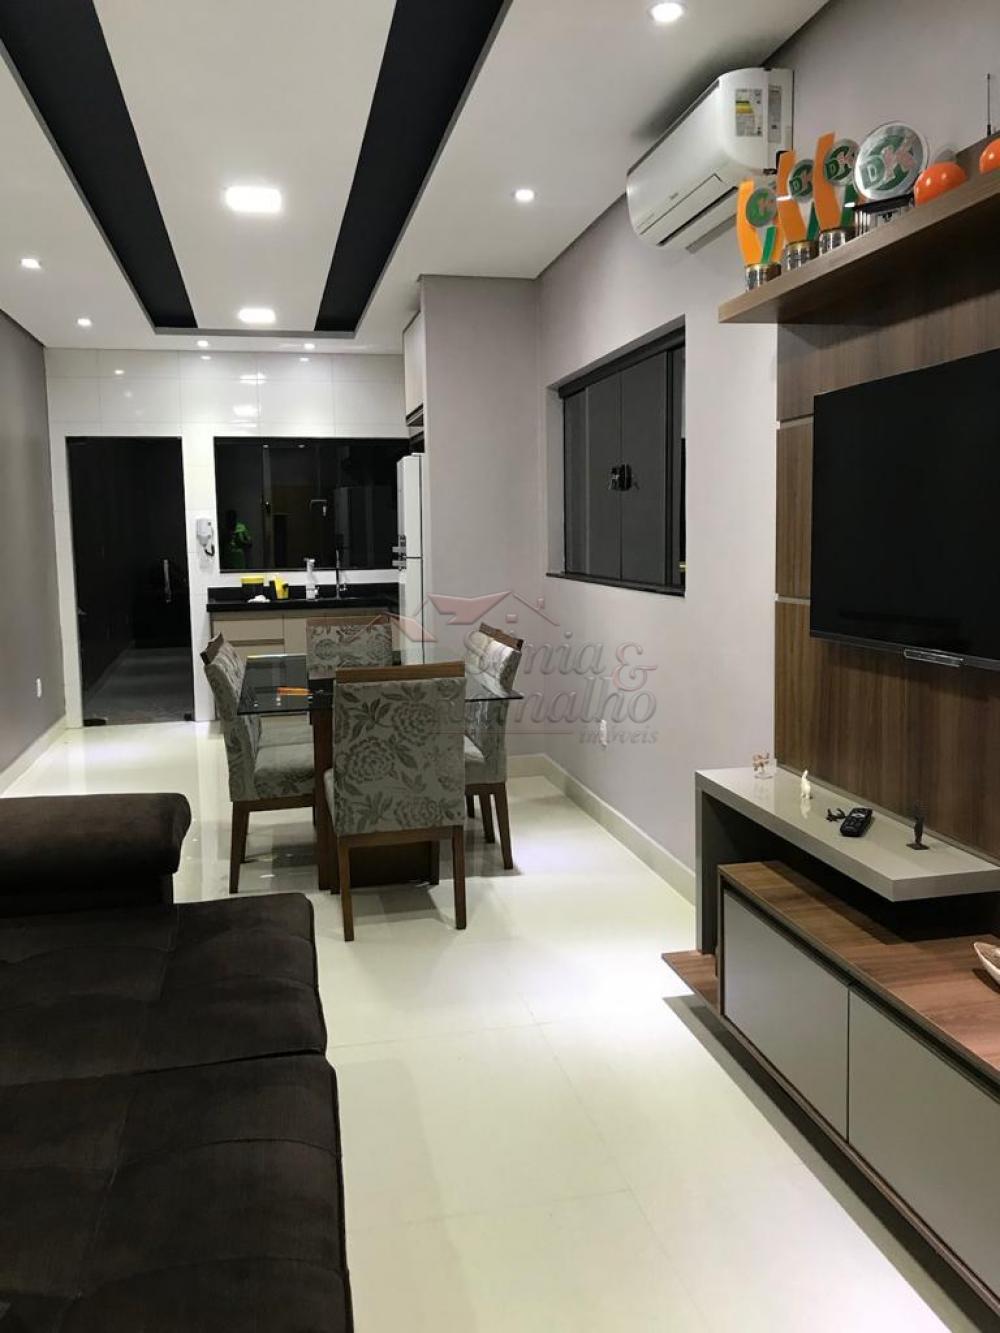 Comprar Casas / Padrão em Ribeirão Preto apenas R$ 569.000,00 - Foto 5